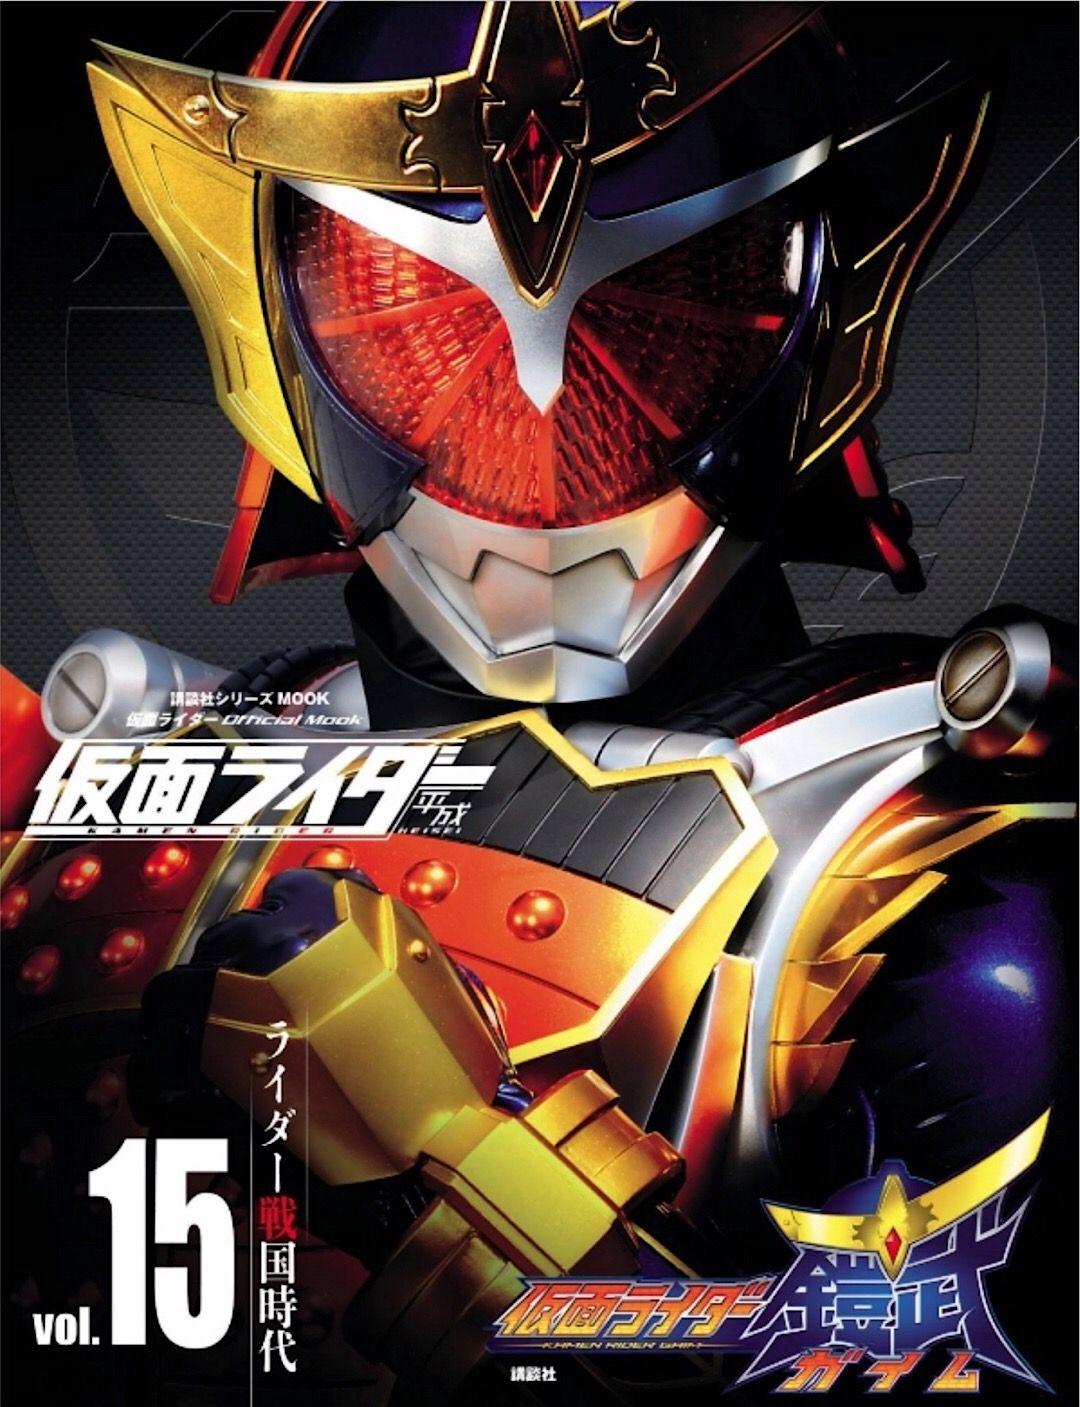 仮面ライダー鎧武 仮面ライダー 平成 Vol 15 仮面ライダー鎧武